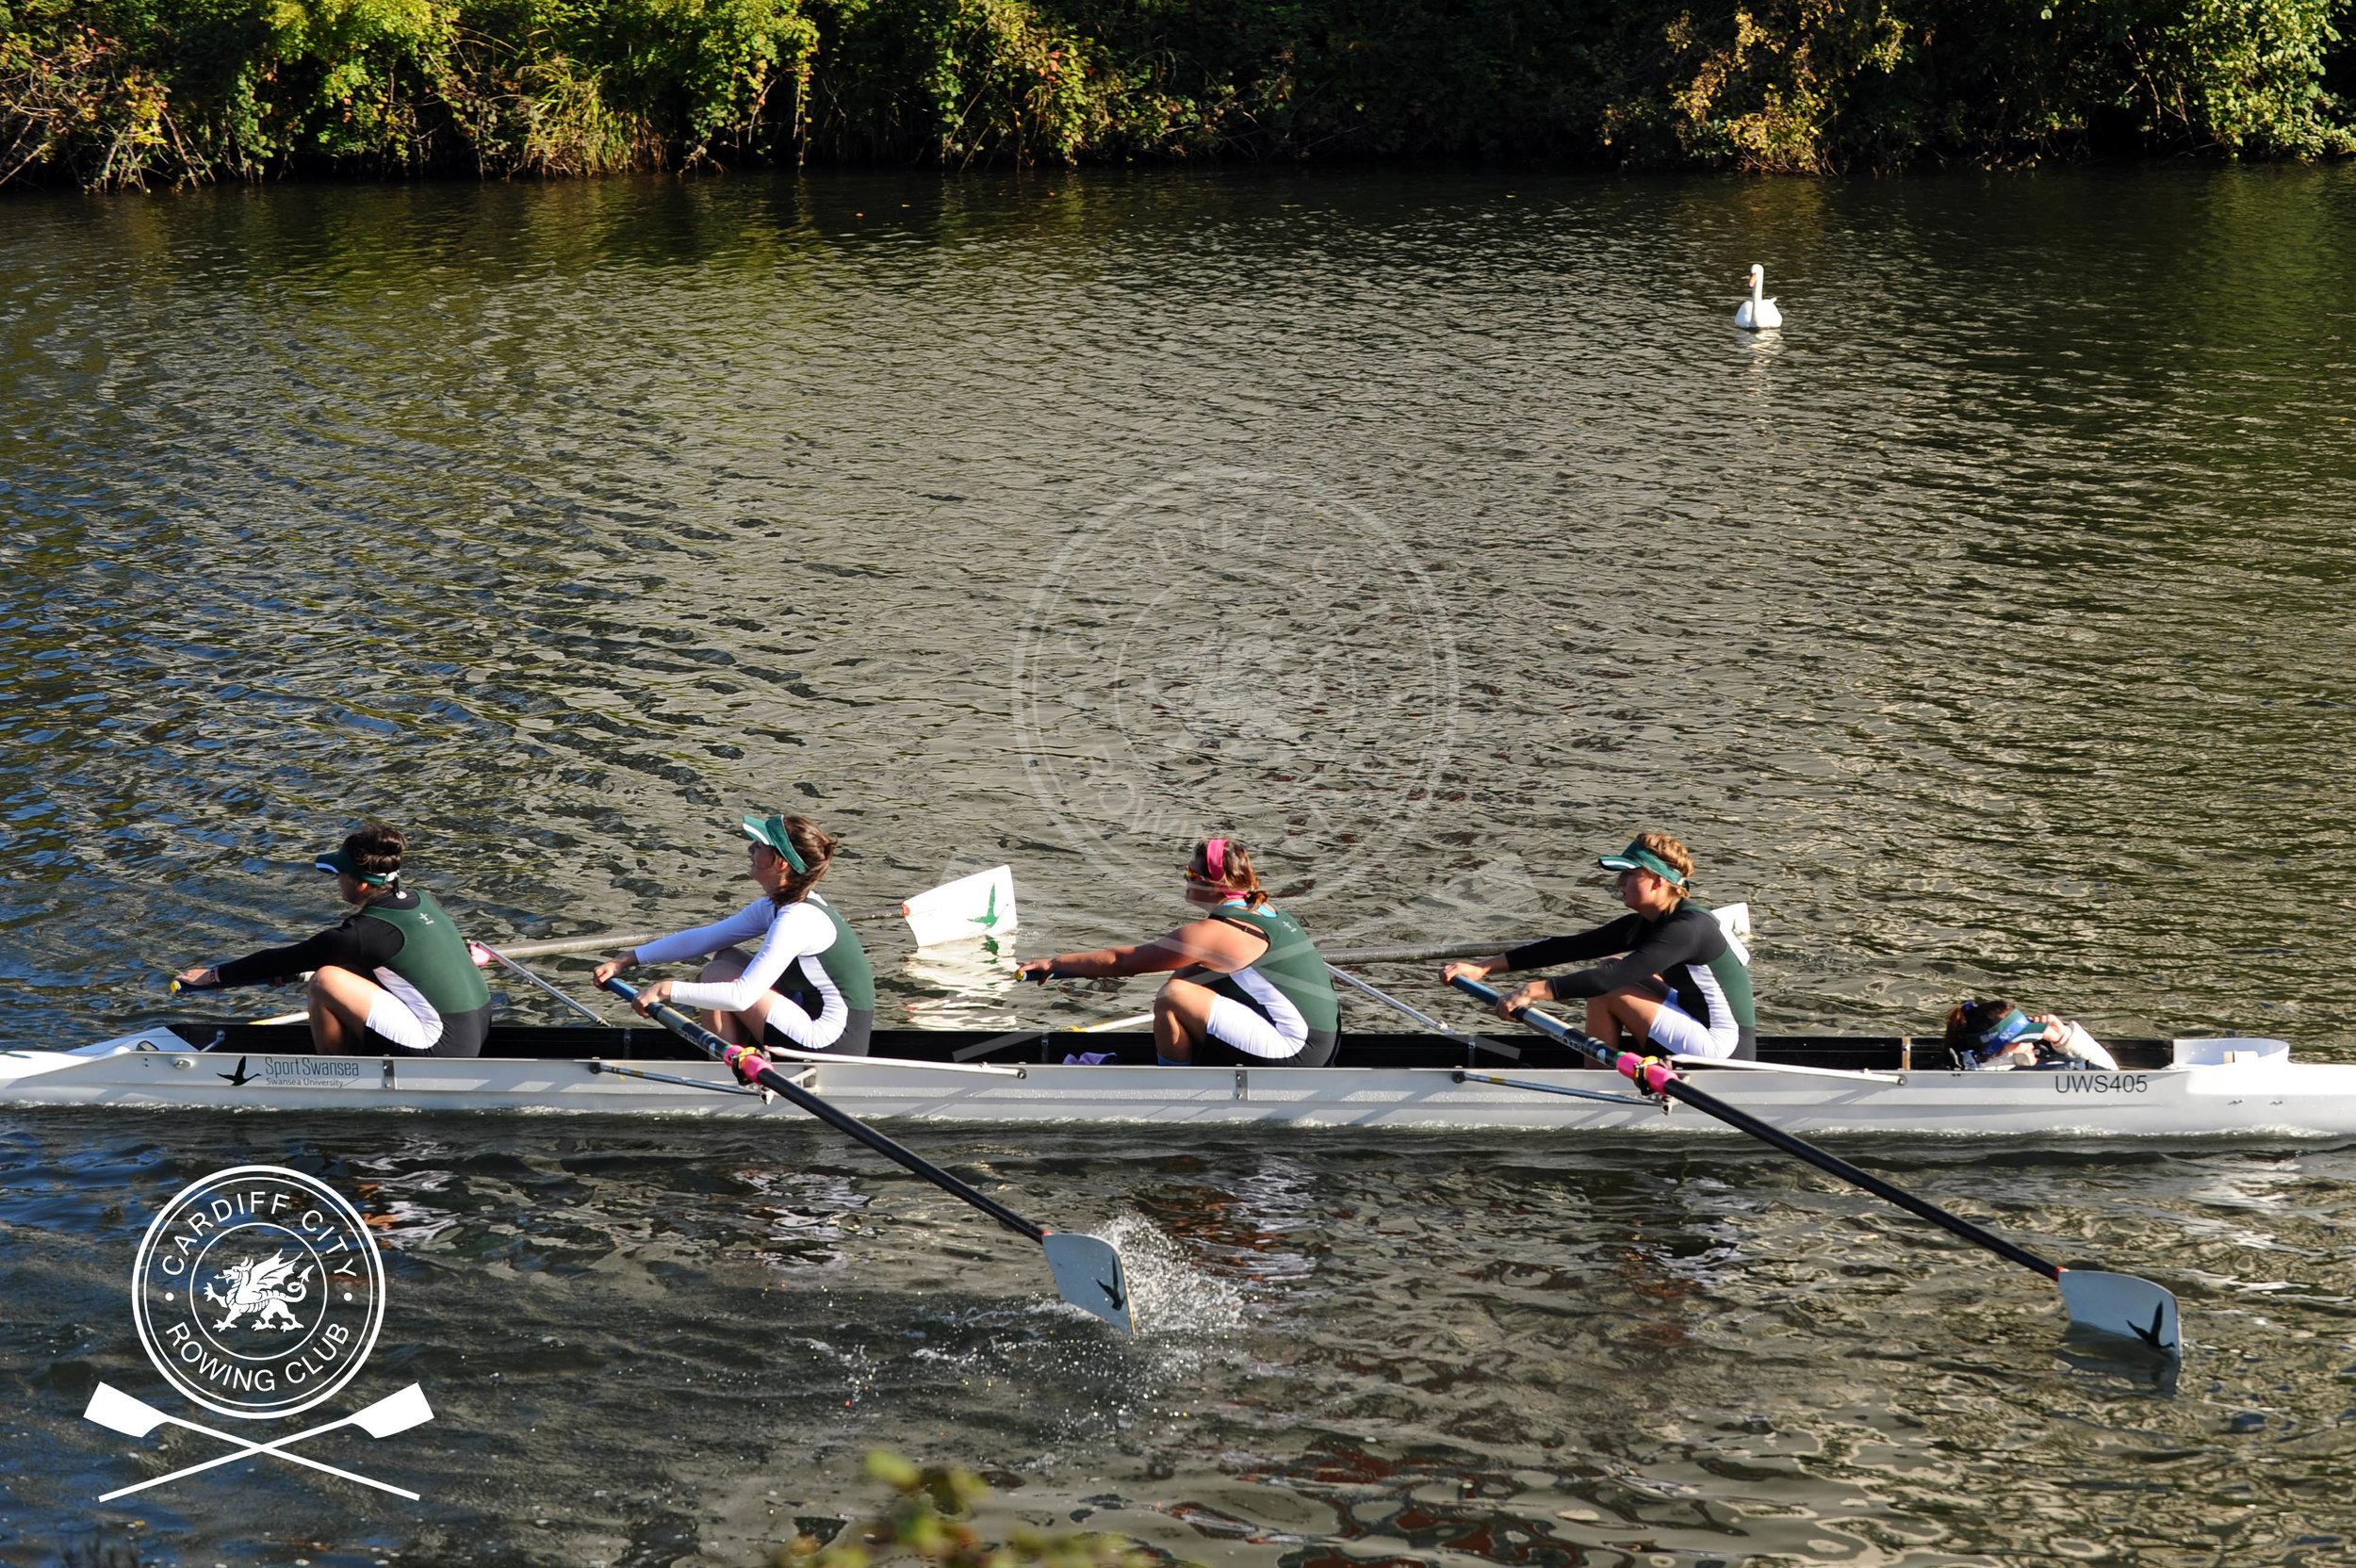 Cardiff_City_Head_Race_34.jpg